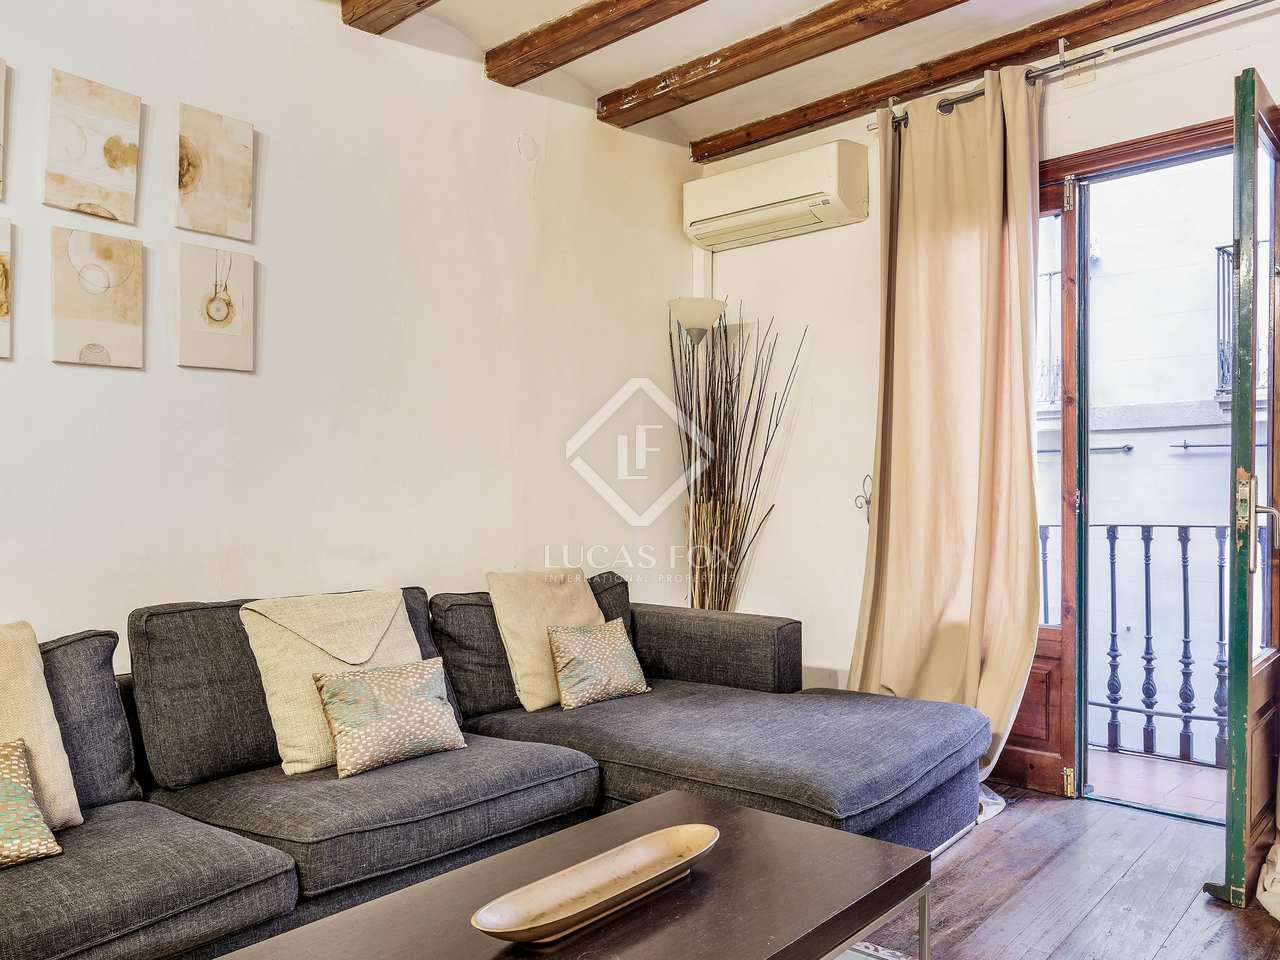 Apartamento precioso en venta en la ciutat vella de barcelona for Licencia apartamento turistico madrid